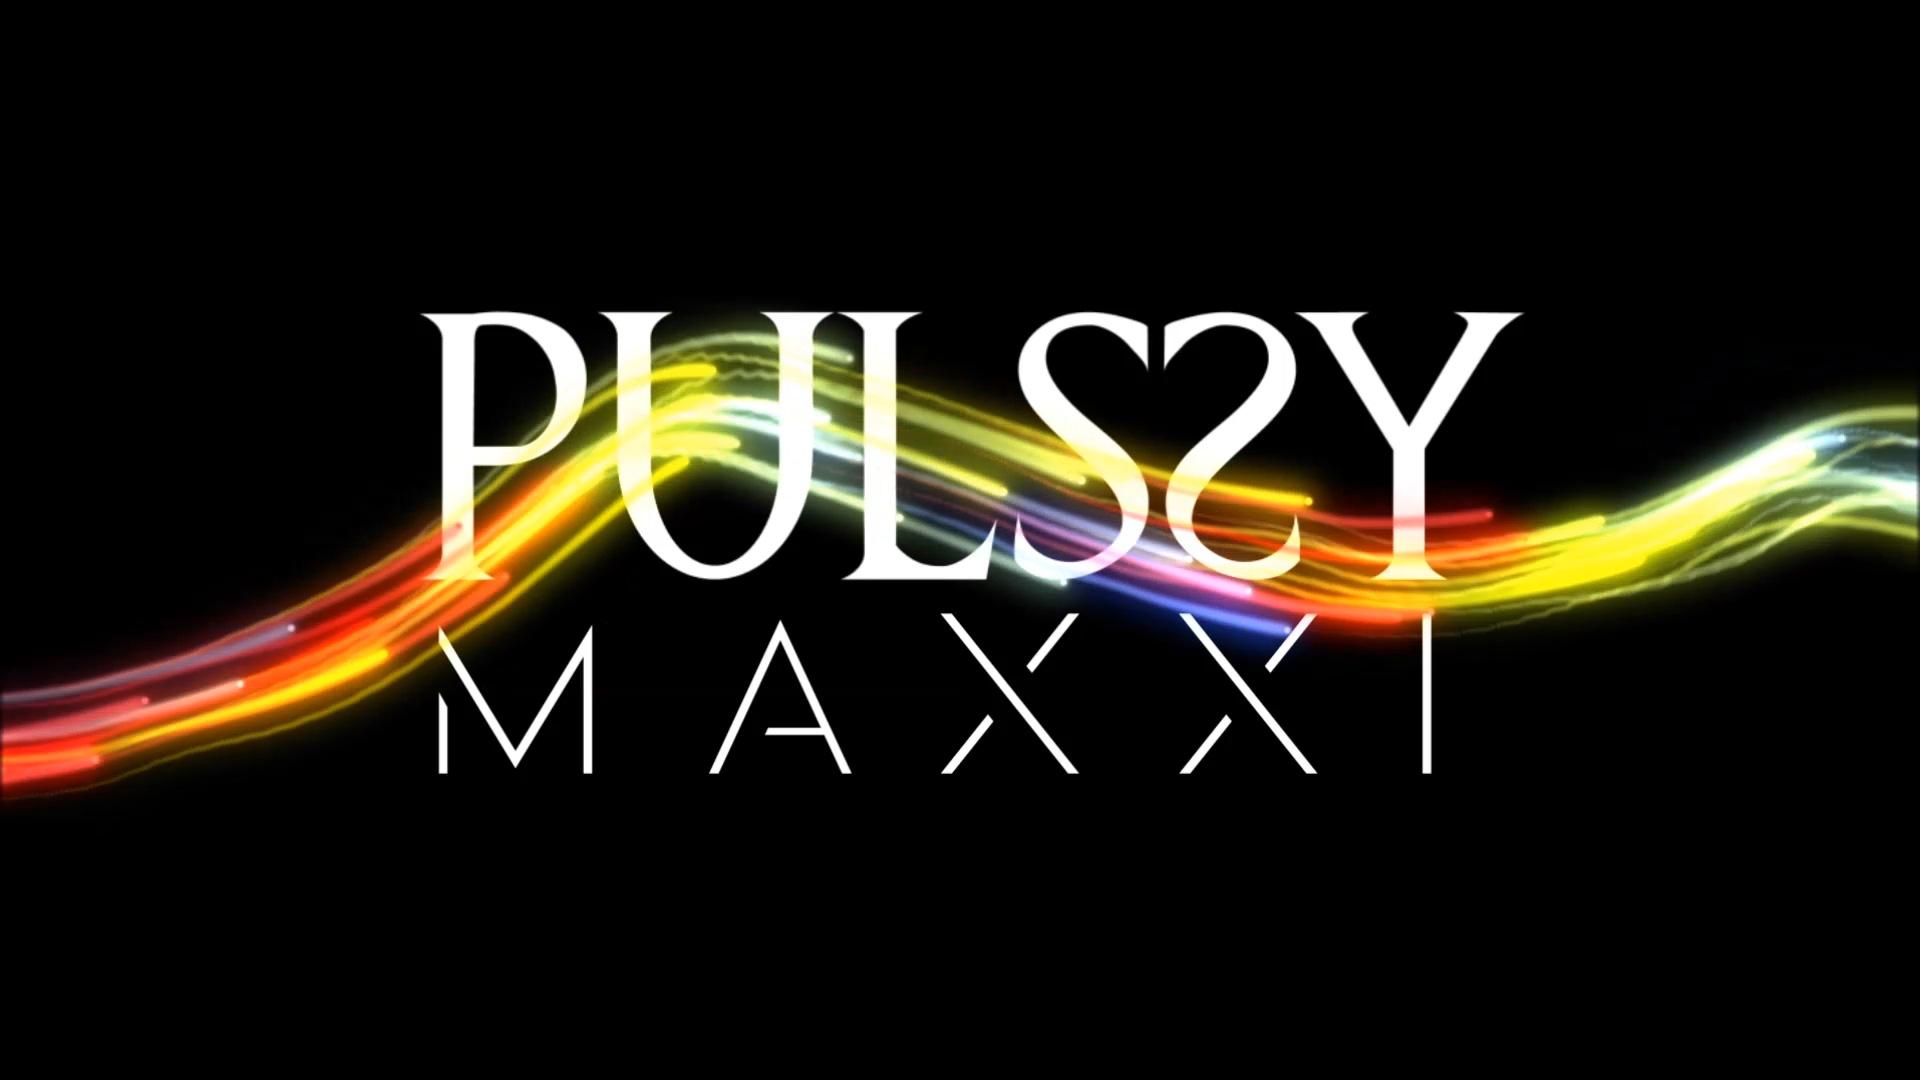 PulssyMaxxi-07